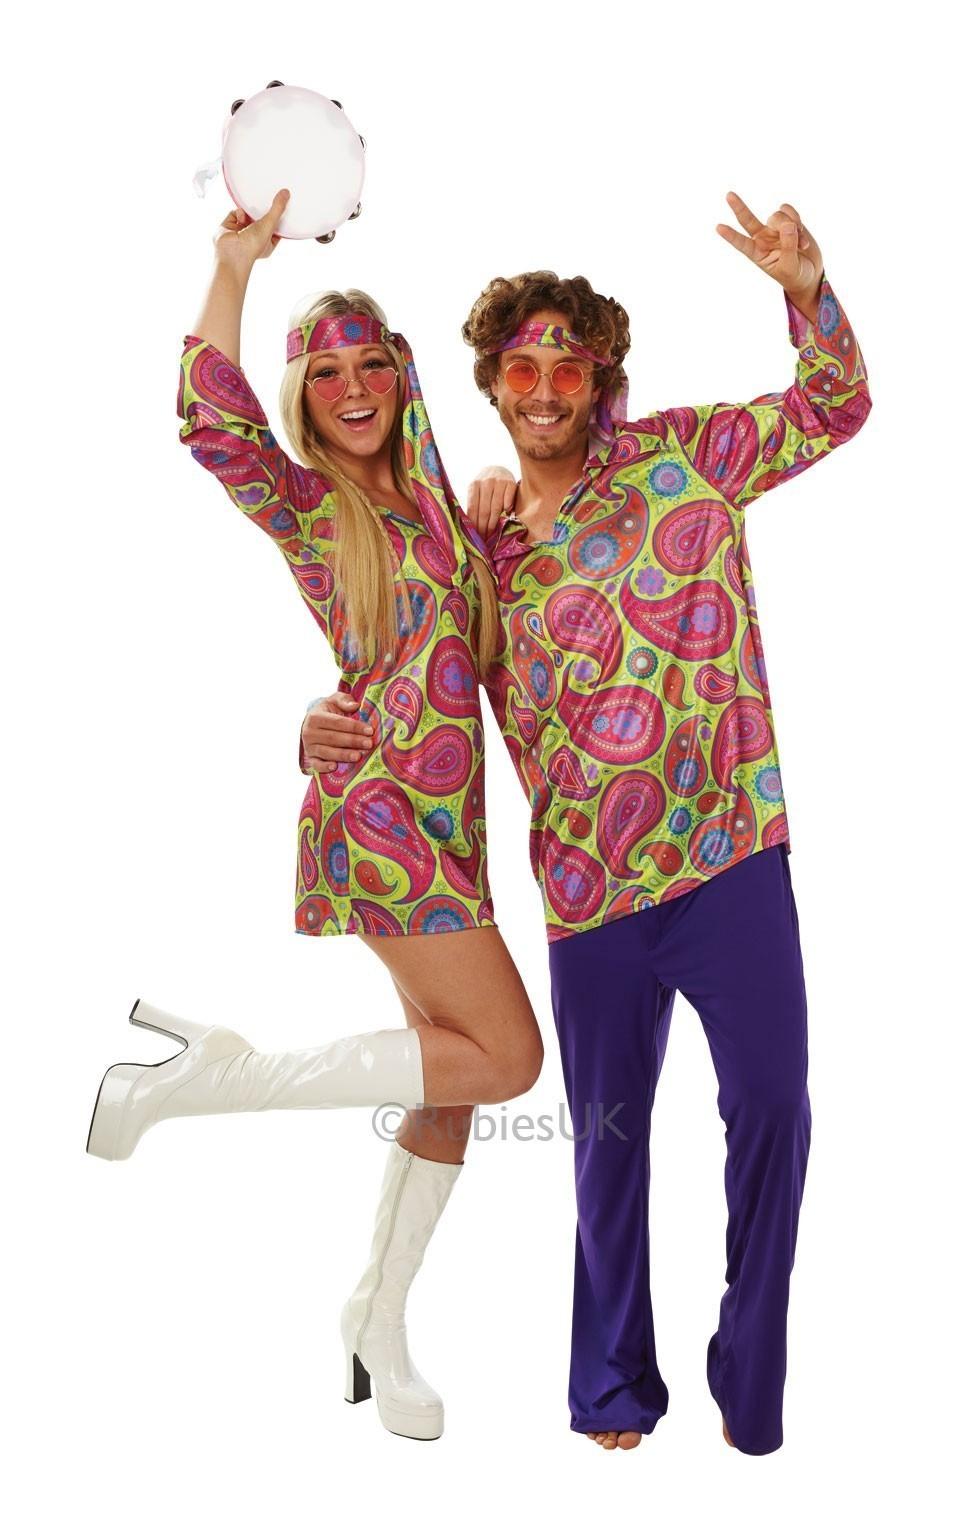 Мужской костюм Хиппи 70-хх (48-50) костюм цветочной хиппи 48